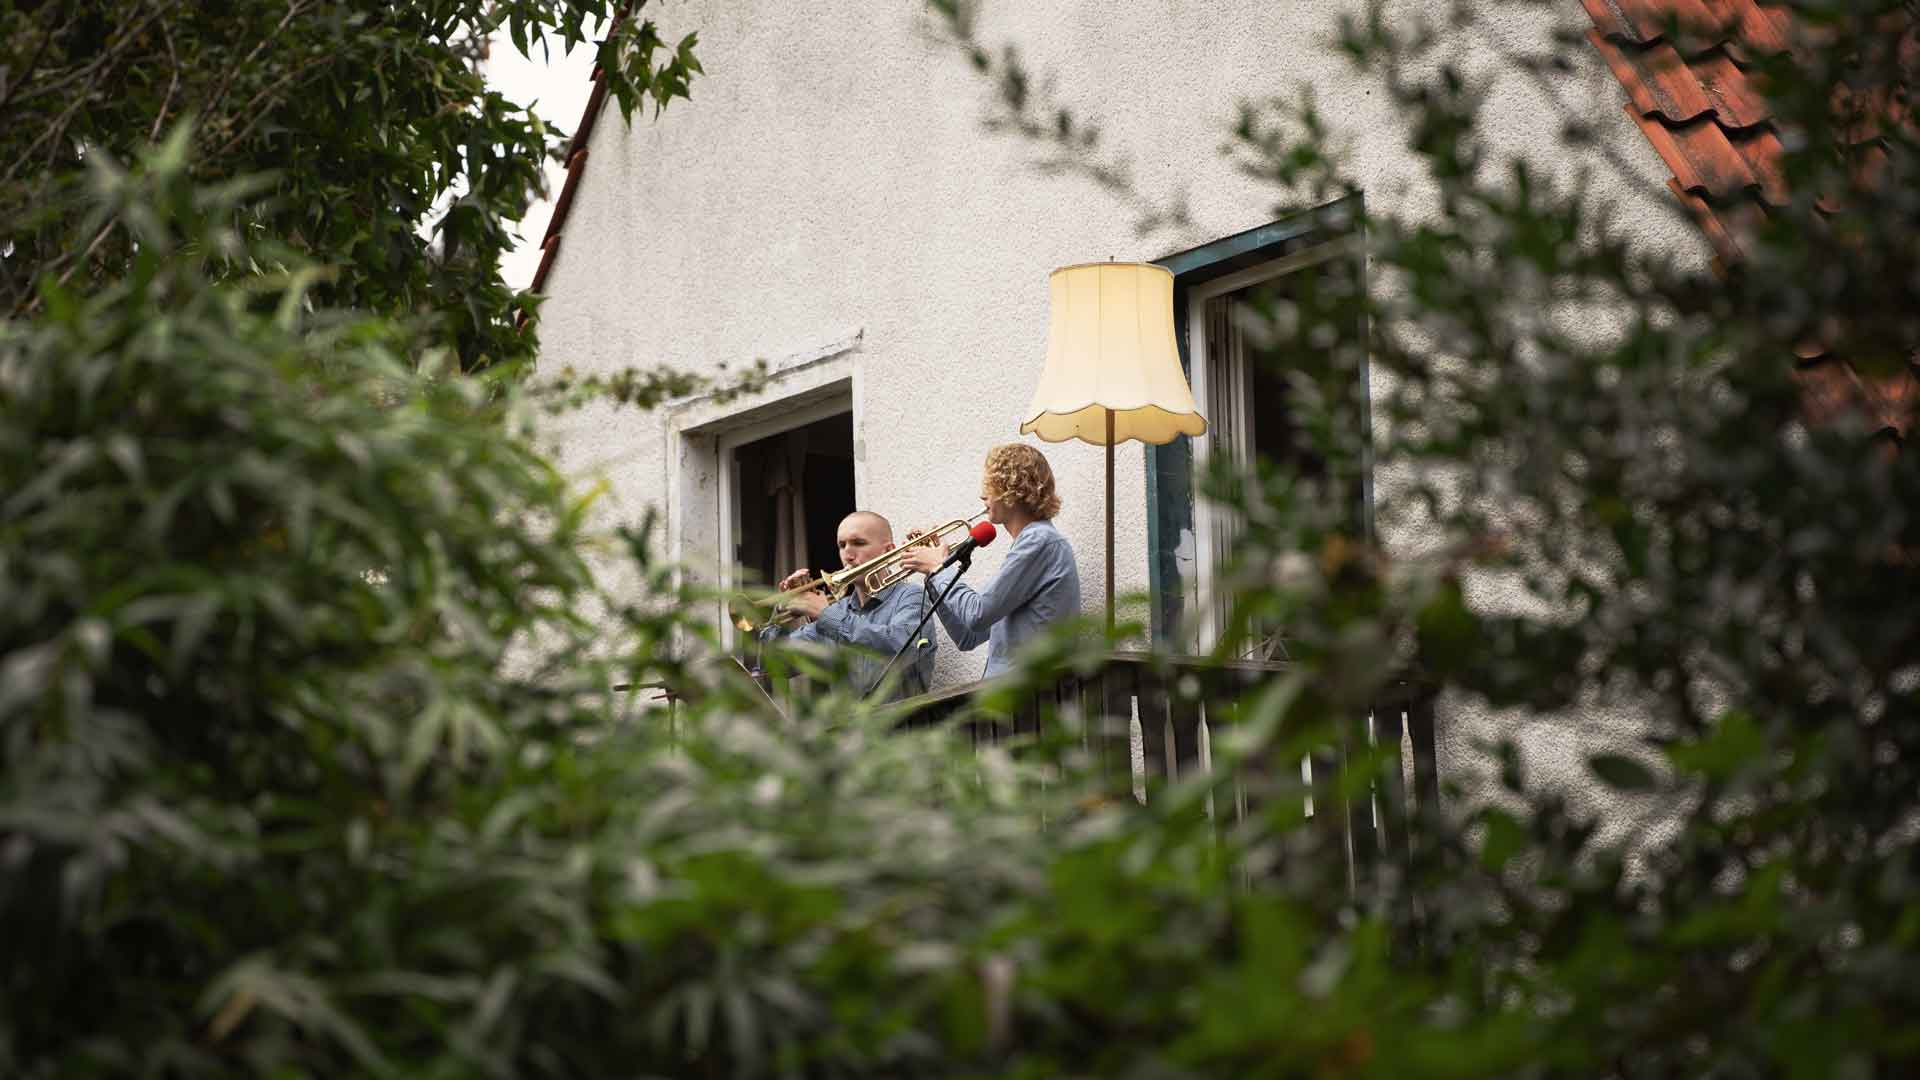 Moritz und Frieder beim Balkon der freien Künste 2020